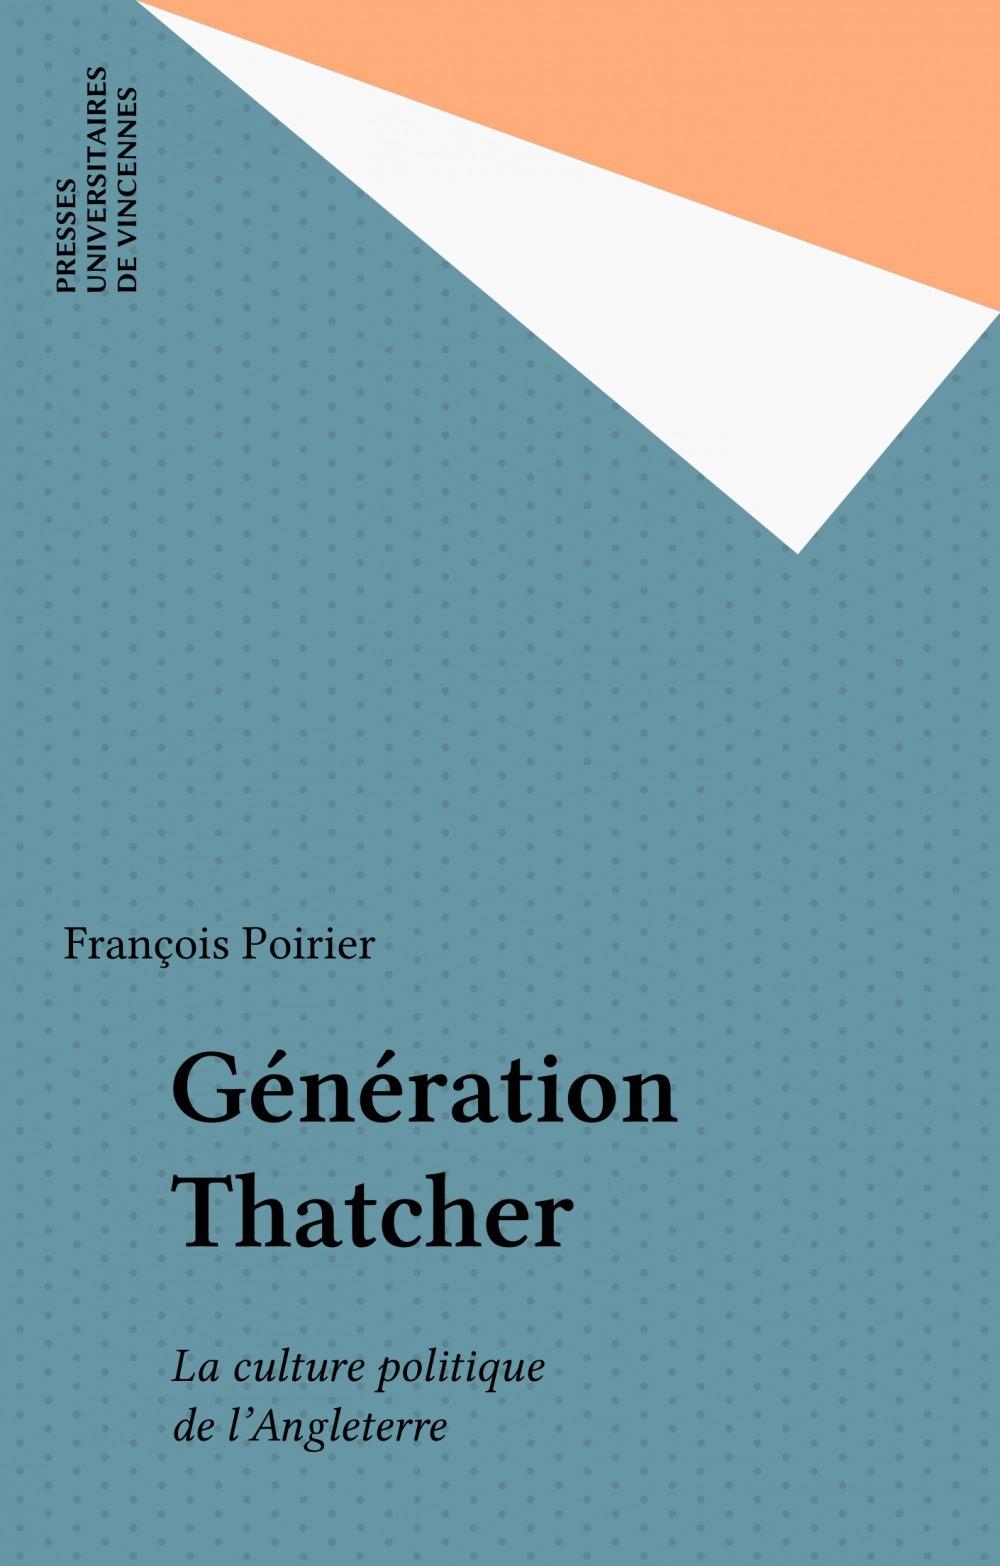 Generation thatcher la culture politique de langleterre